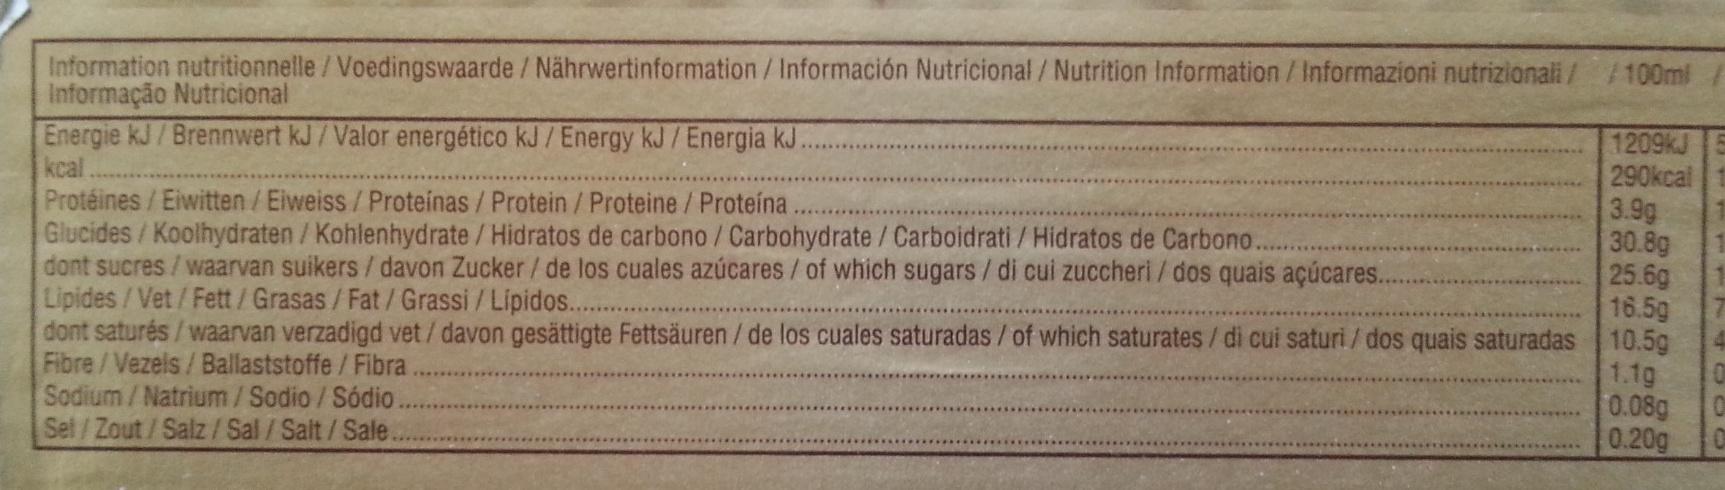 TWIX ice cream - Información nutricional - fr